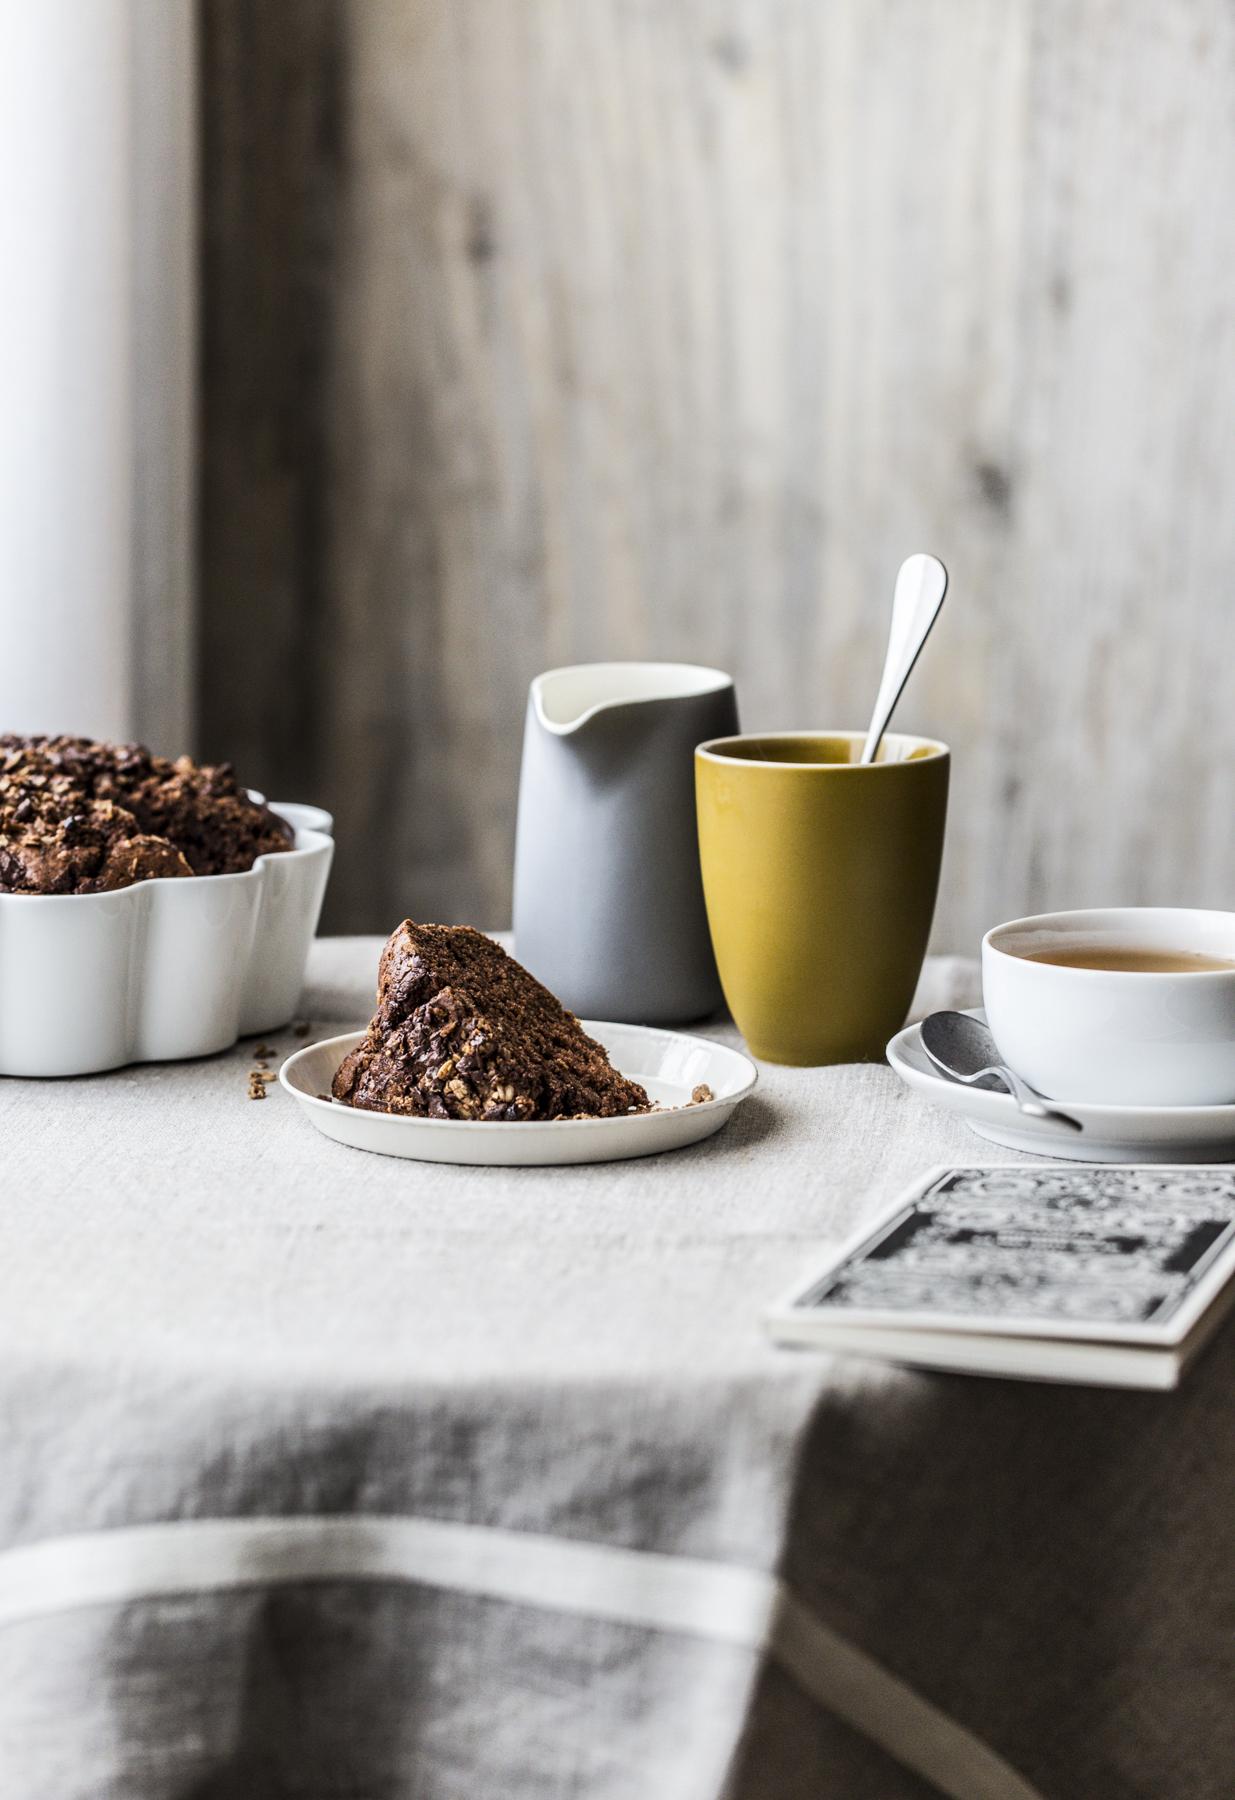 torta al cacao con i cereali croccanti